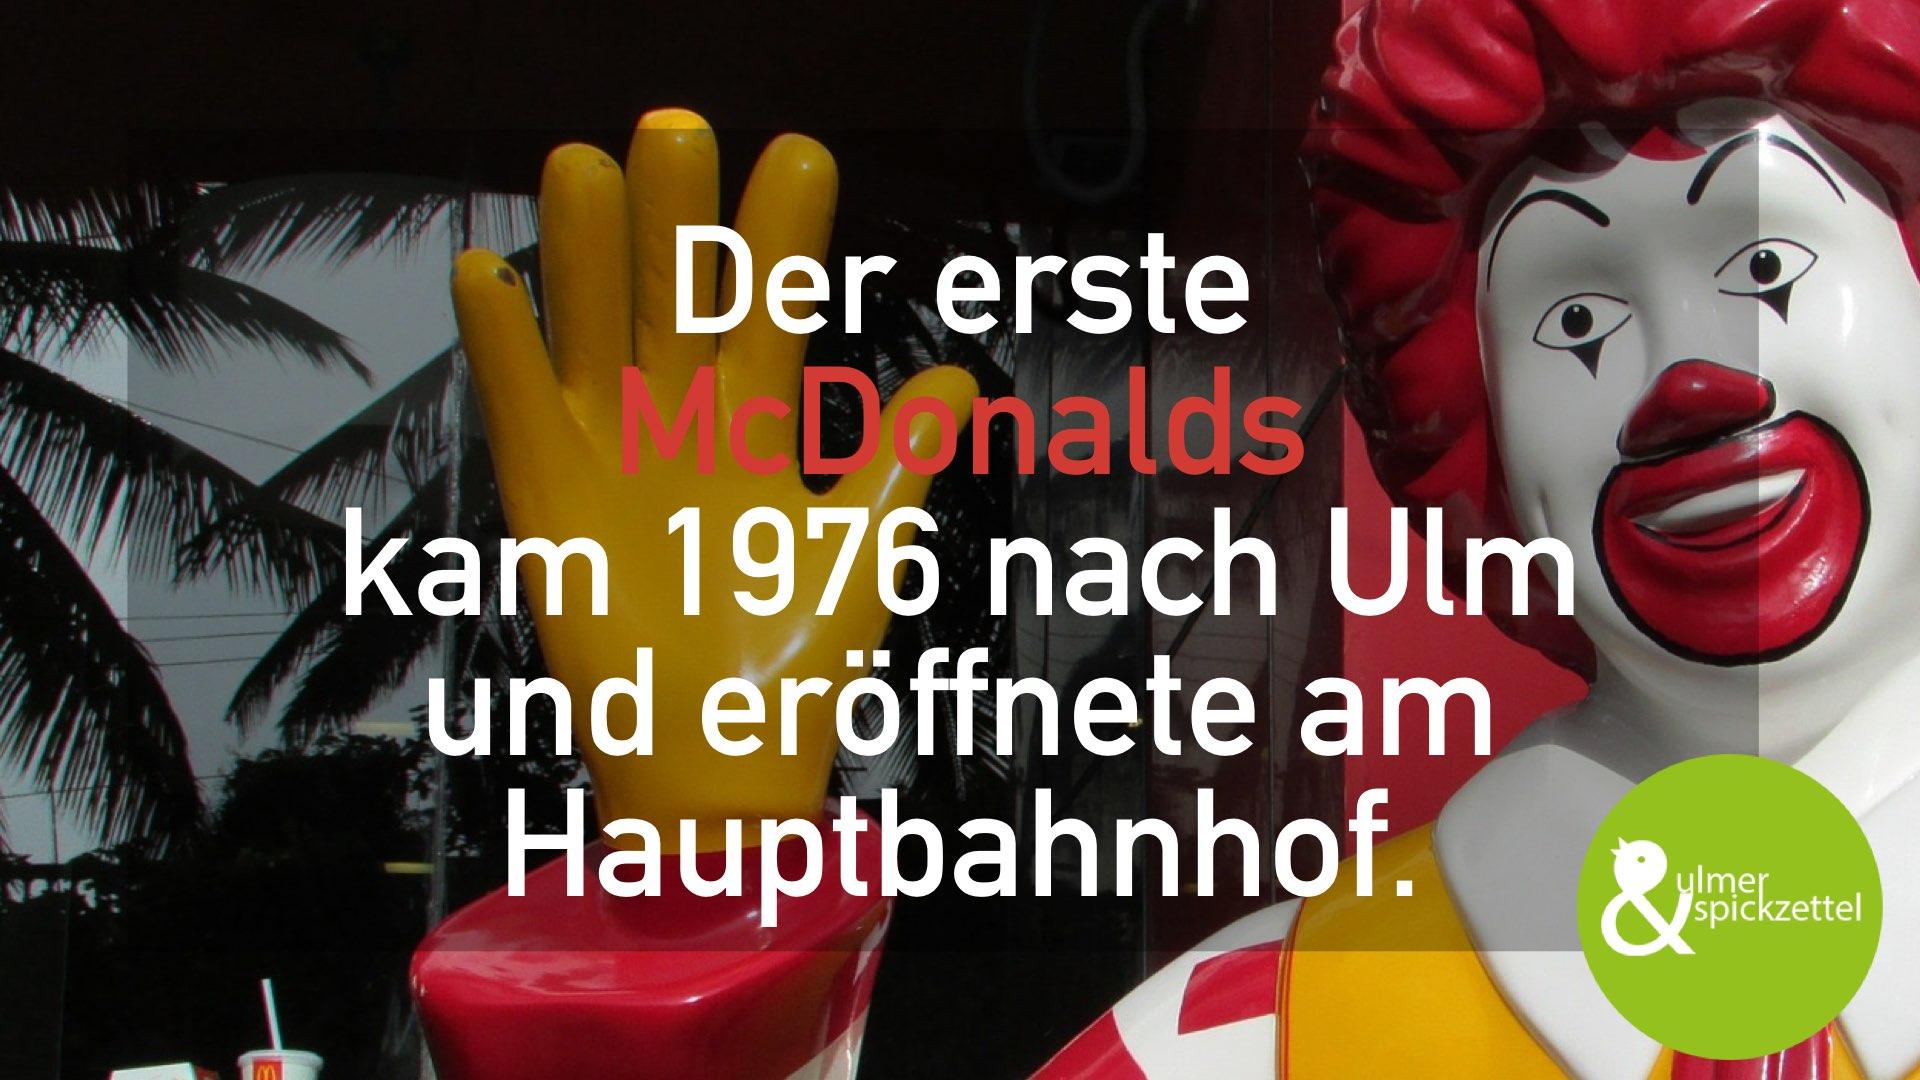 Der erste McDonalds in Ulm!